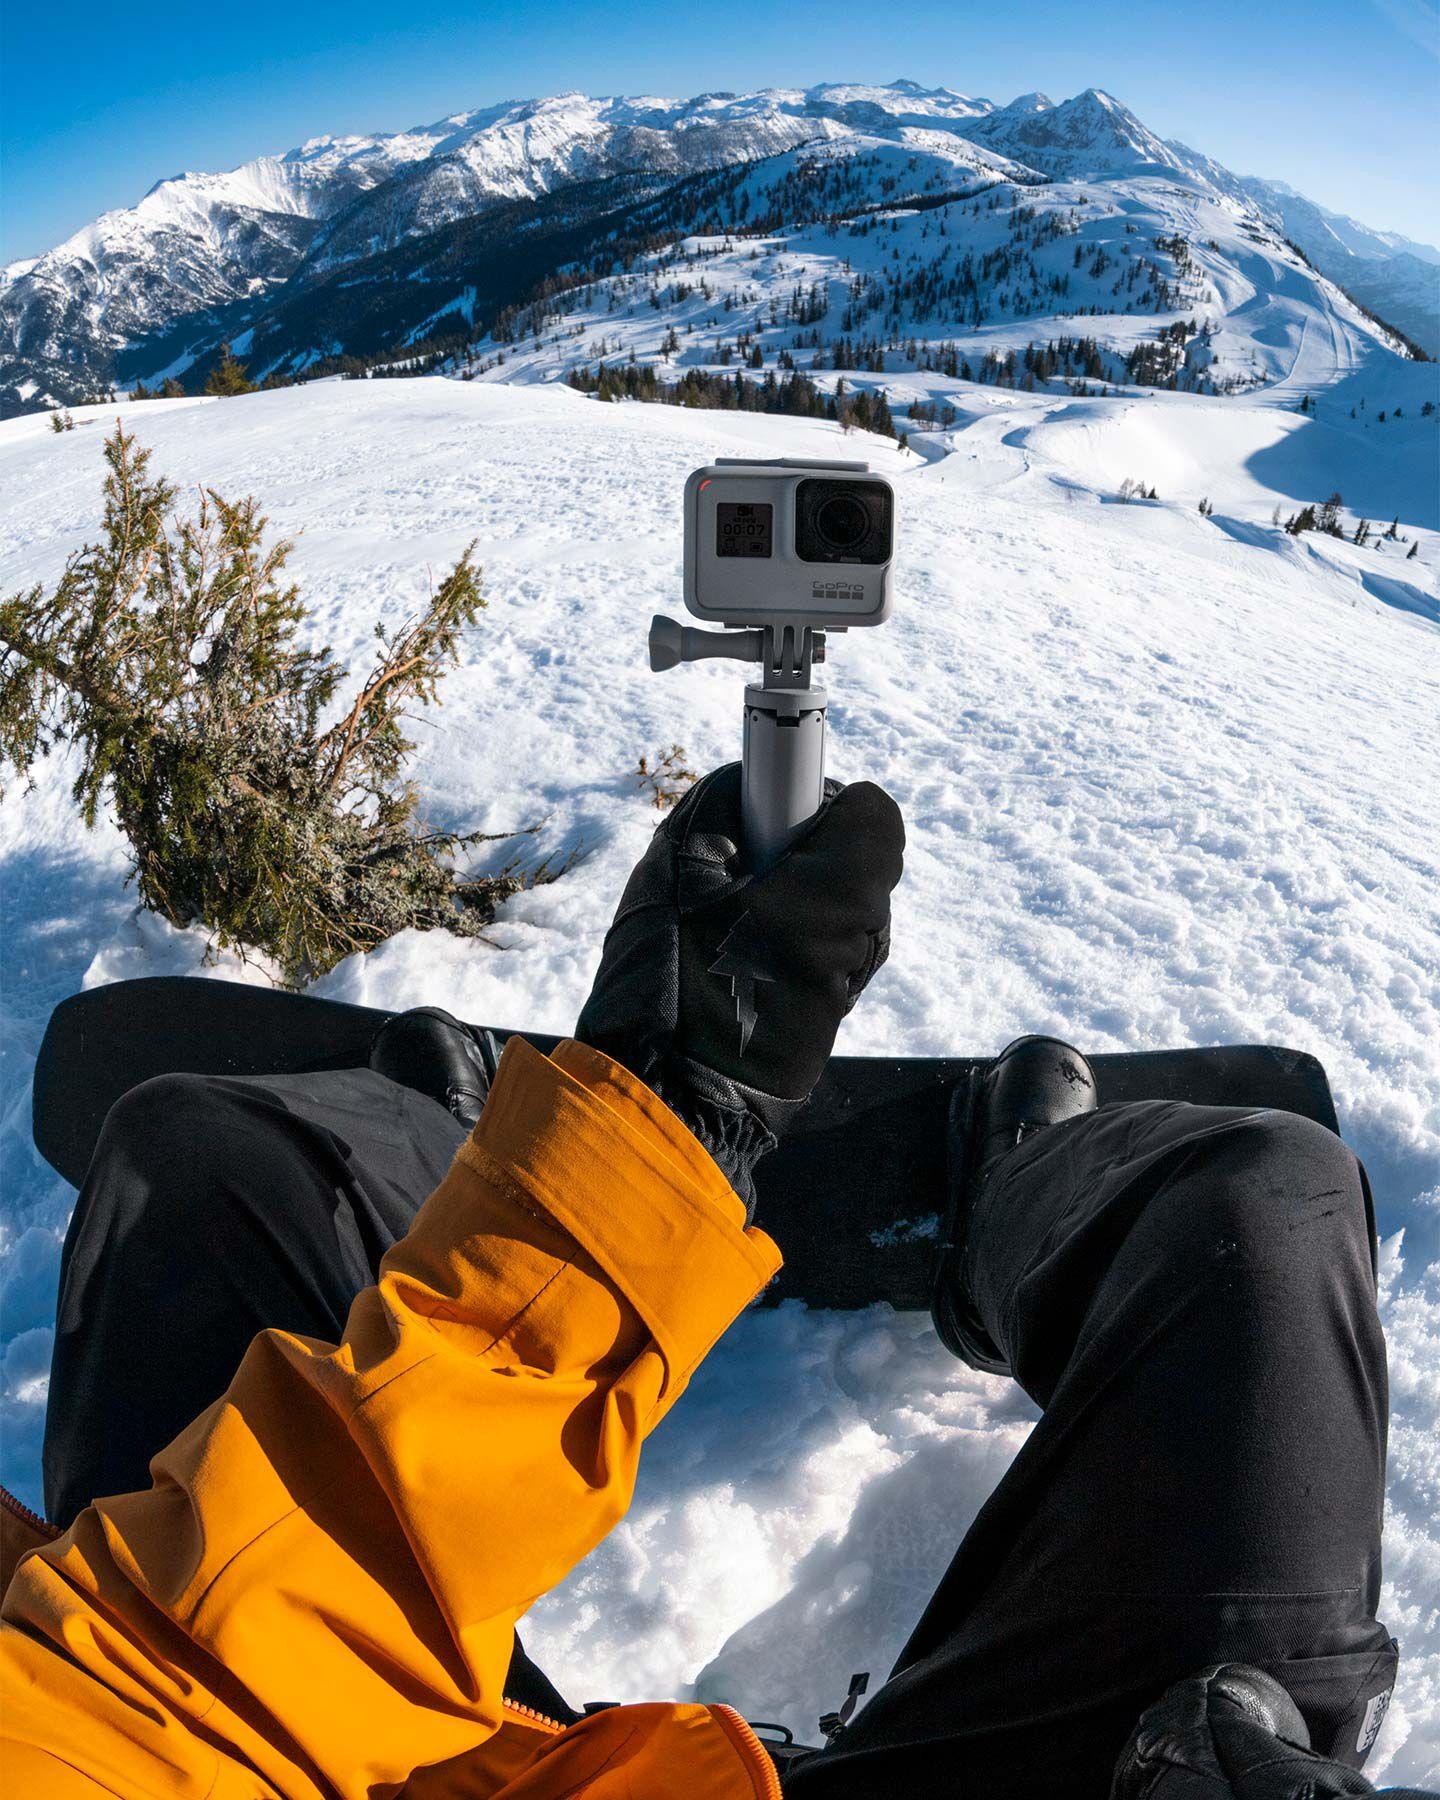 Videocamera GOPRO HERO7 BLACK LUNAR WHITE EDITION S4069615 1 UNI scatto 3